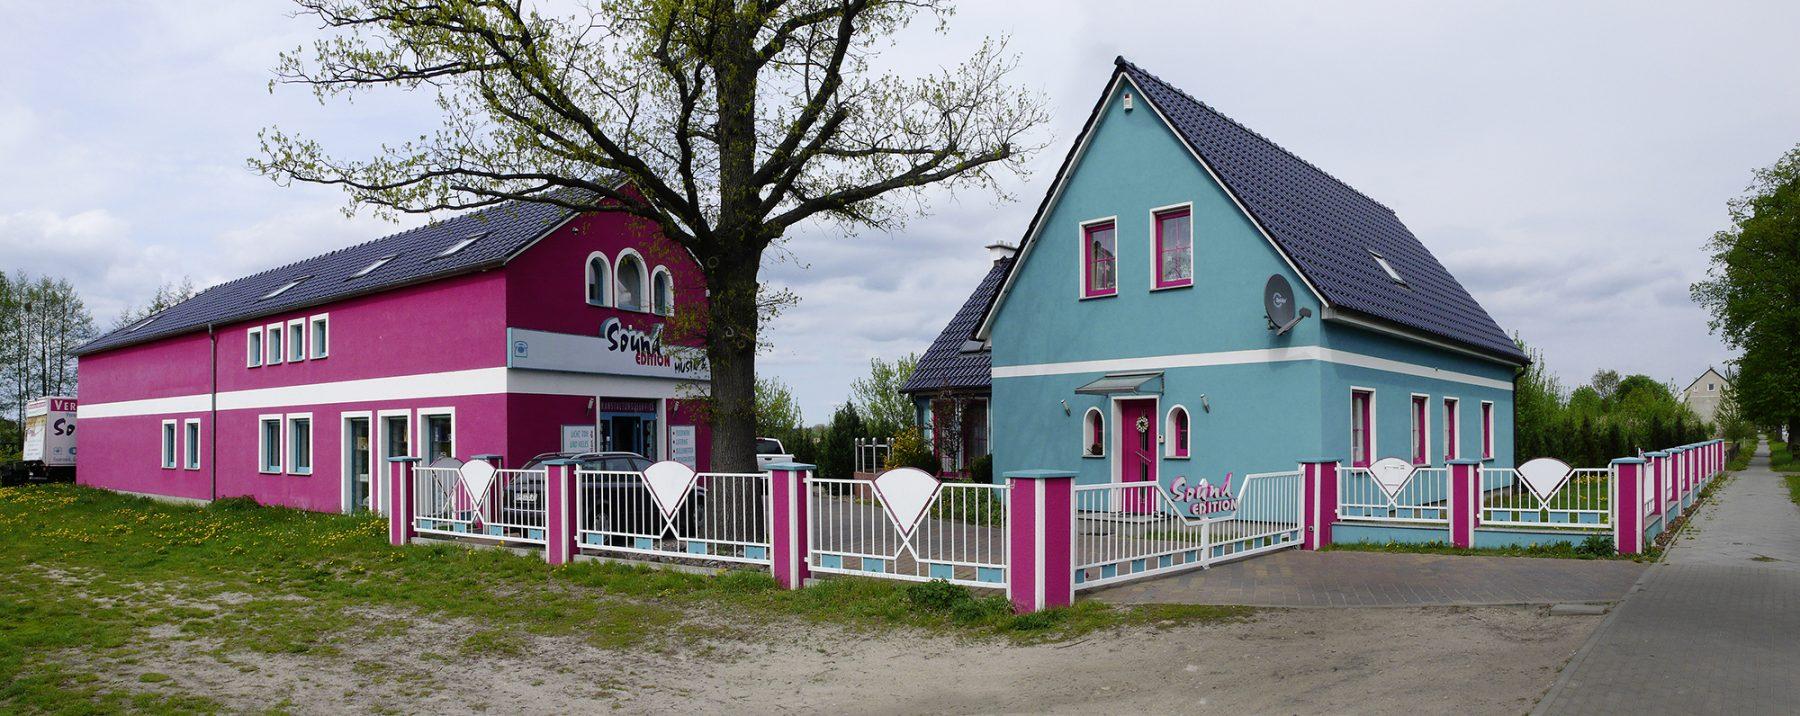 Brandenburg, bunte Häuser